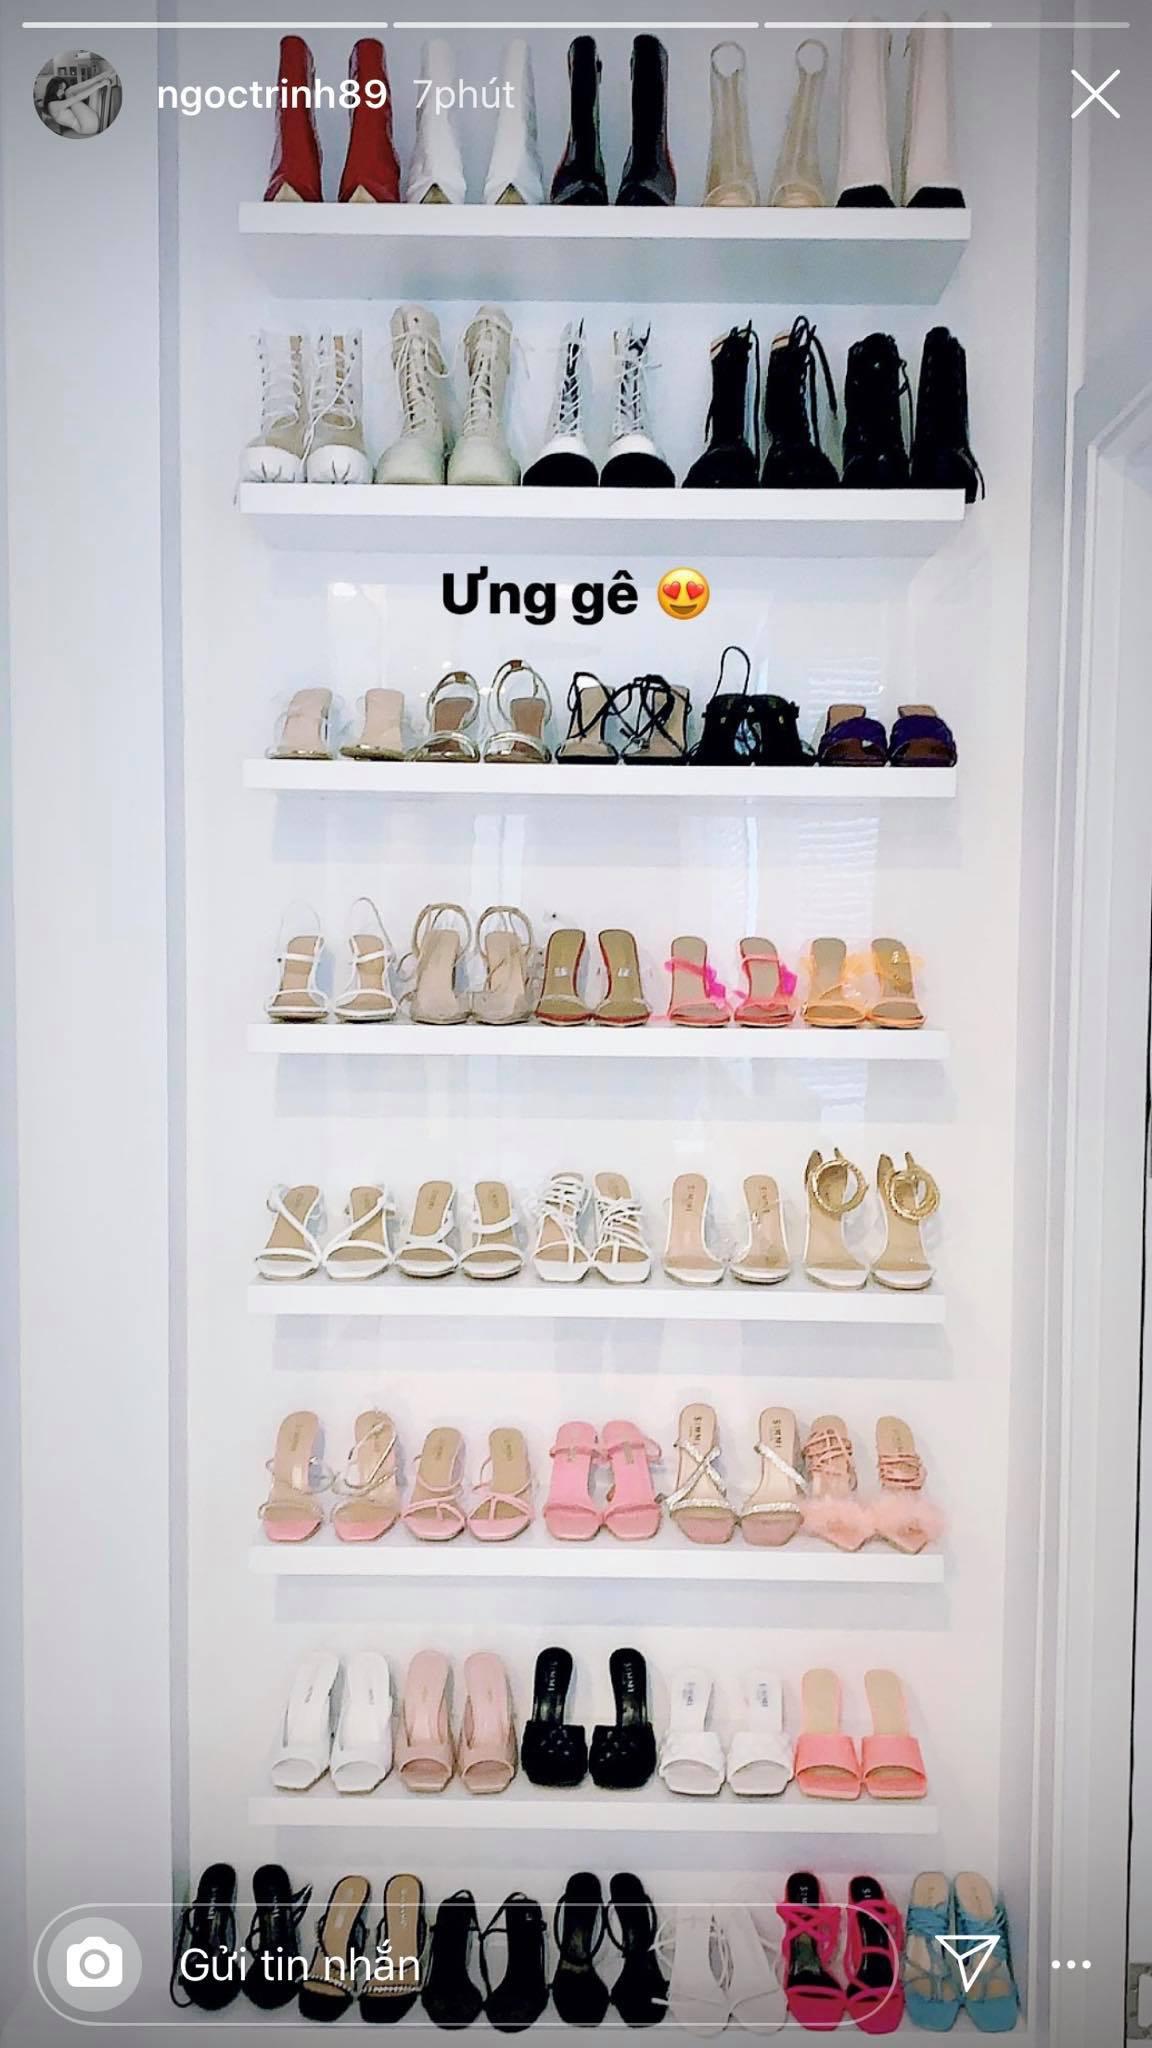 Vắng show chậu mùa dịch, Ngọc Trinh vẫn khoe thành quả mua sắm gây choáng: Sơ sơ cũng 40 đôi giày!-1